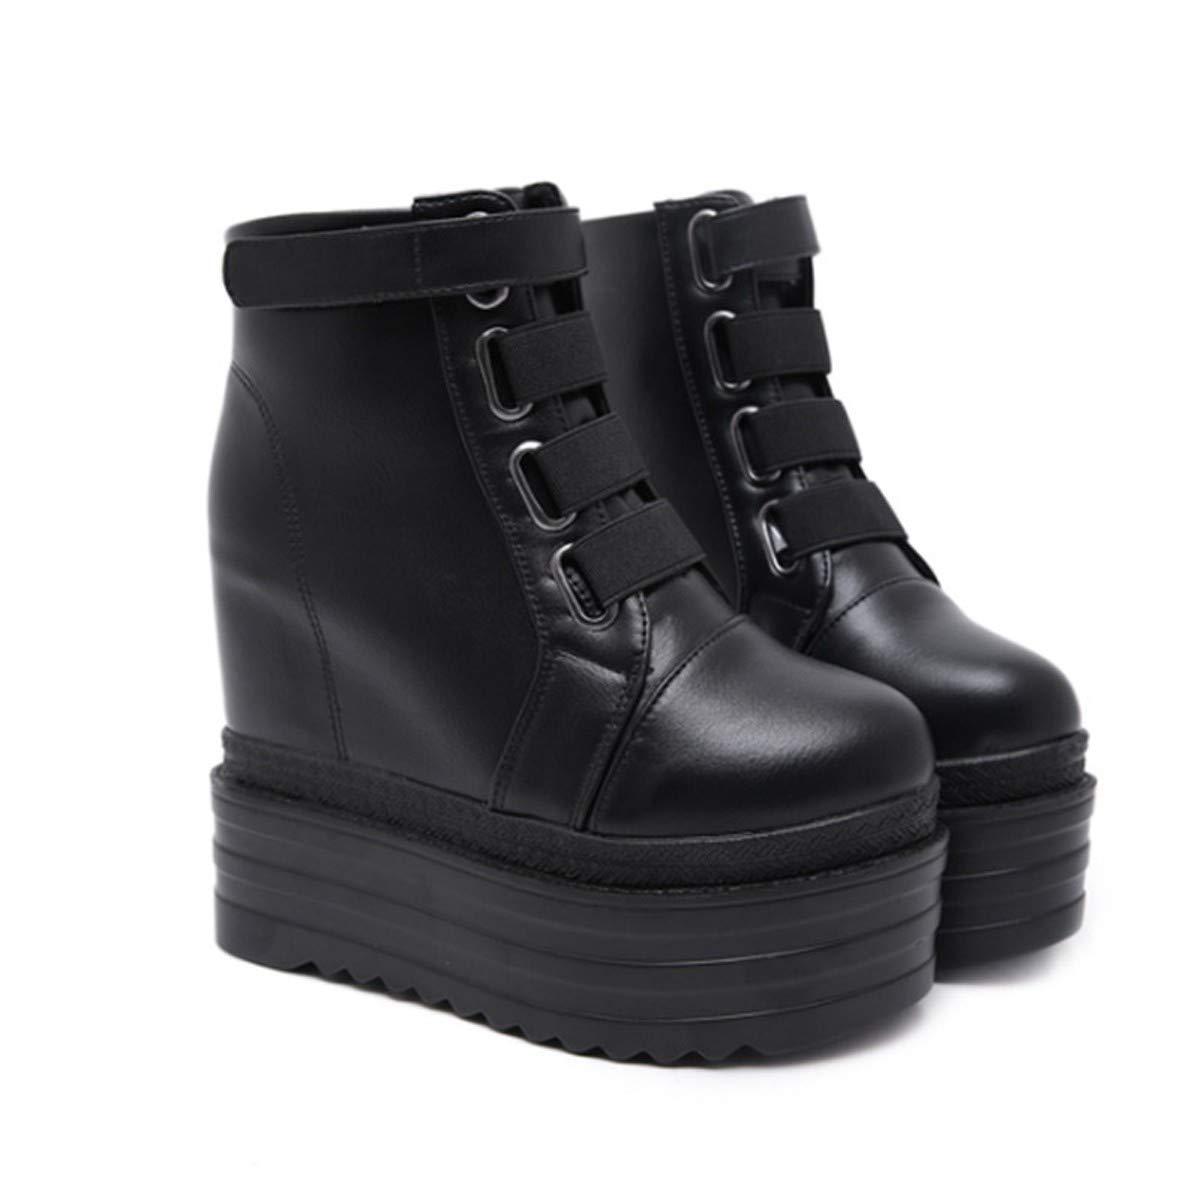 LBTSQ-Hang Hacken Super-High-Heels Wasserdicht Muffin-Dicke Hintern 12Cm Schuhe Sexy Kampf Innere Entwicklung Wildleder Frauen-Stiefel